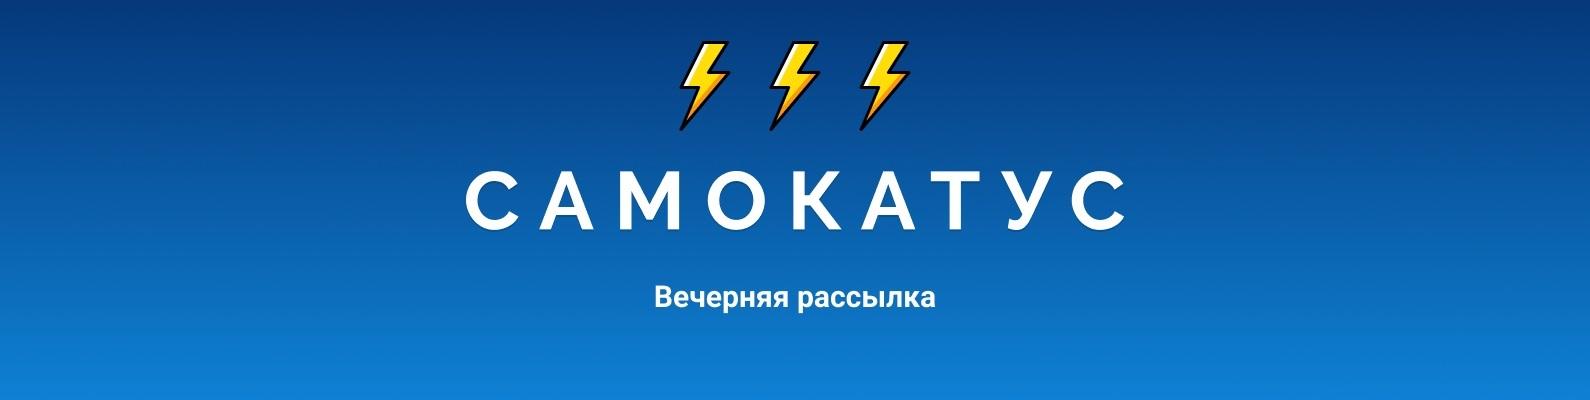 https://samokatus.ru/2019/07/daily-435/